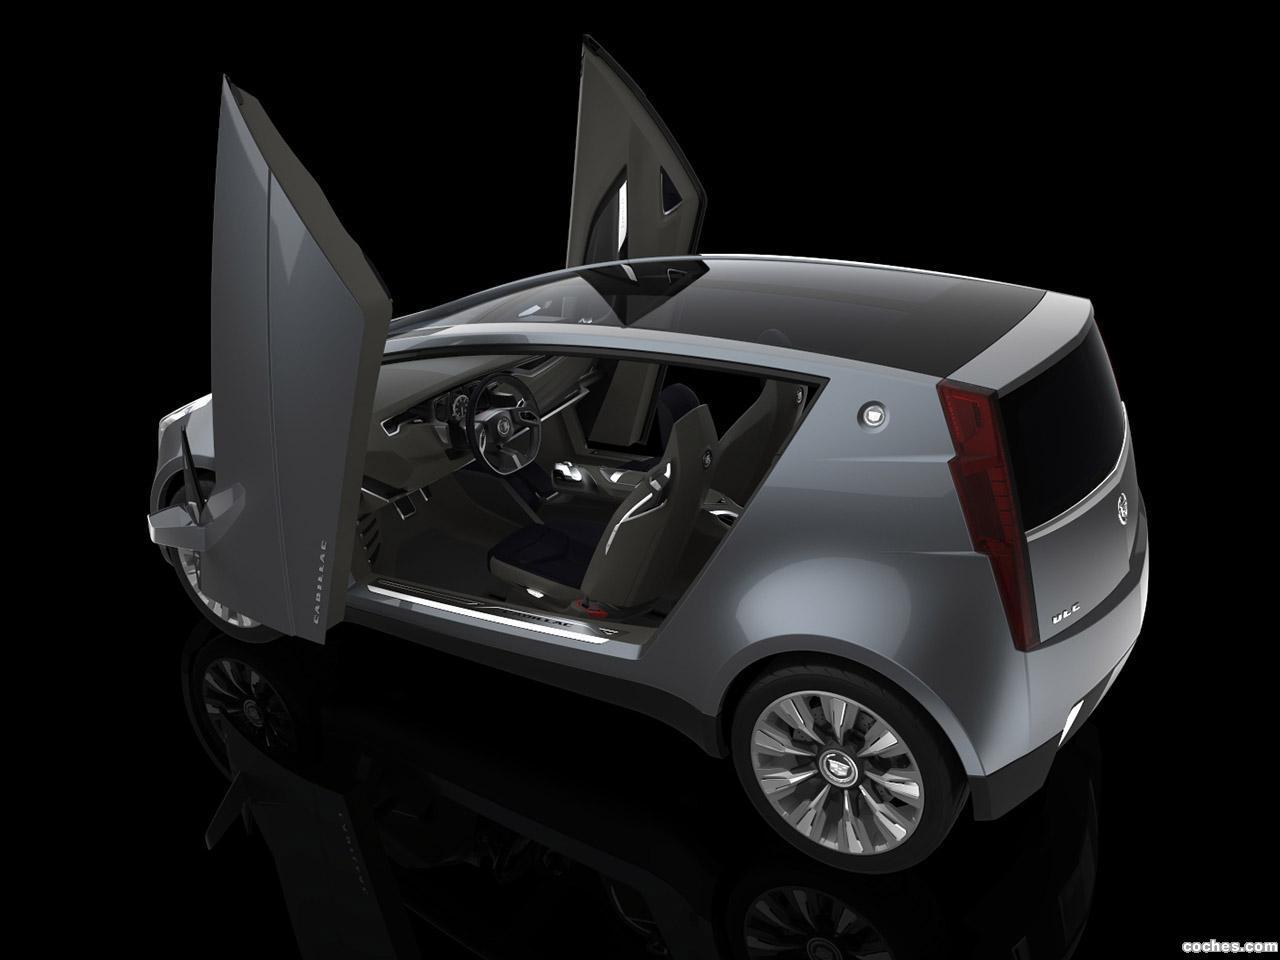 Foto 5 de Cadillac Urban Luxury Concept 2010